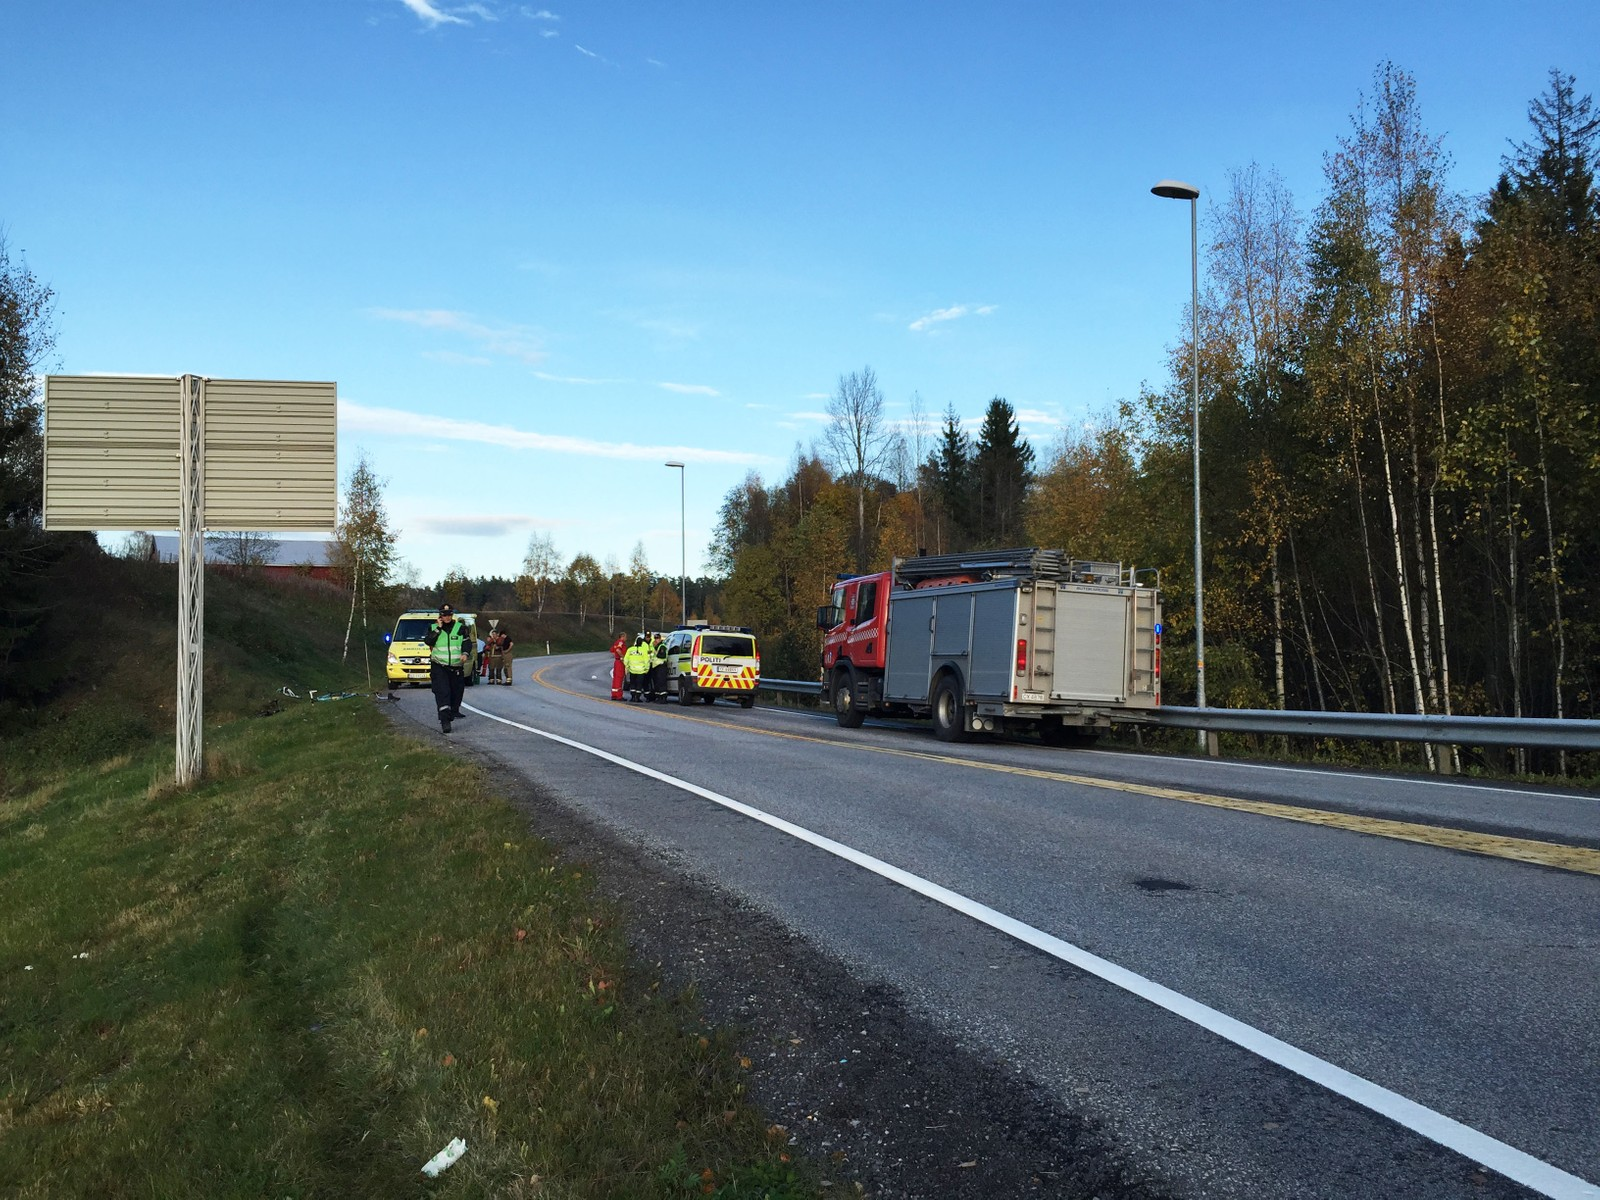 ULYKKESTEDET: Det var her Petter Omsland Nikolaisen ble påkjørt og drept for ett år siden. Nå skal han minnes på ulykkesstedet.